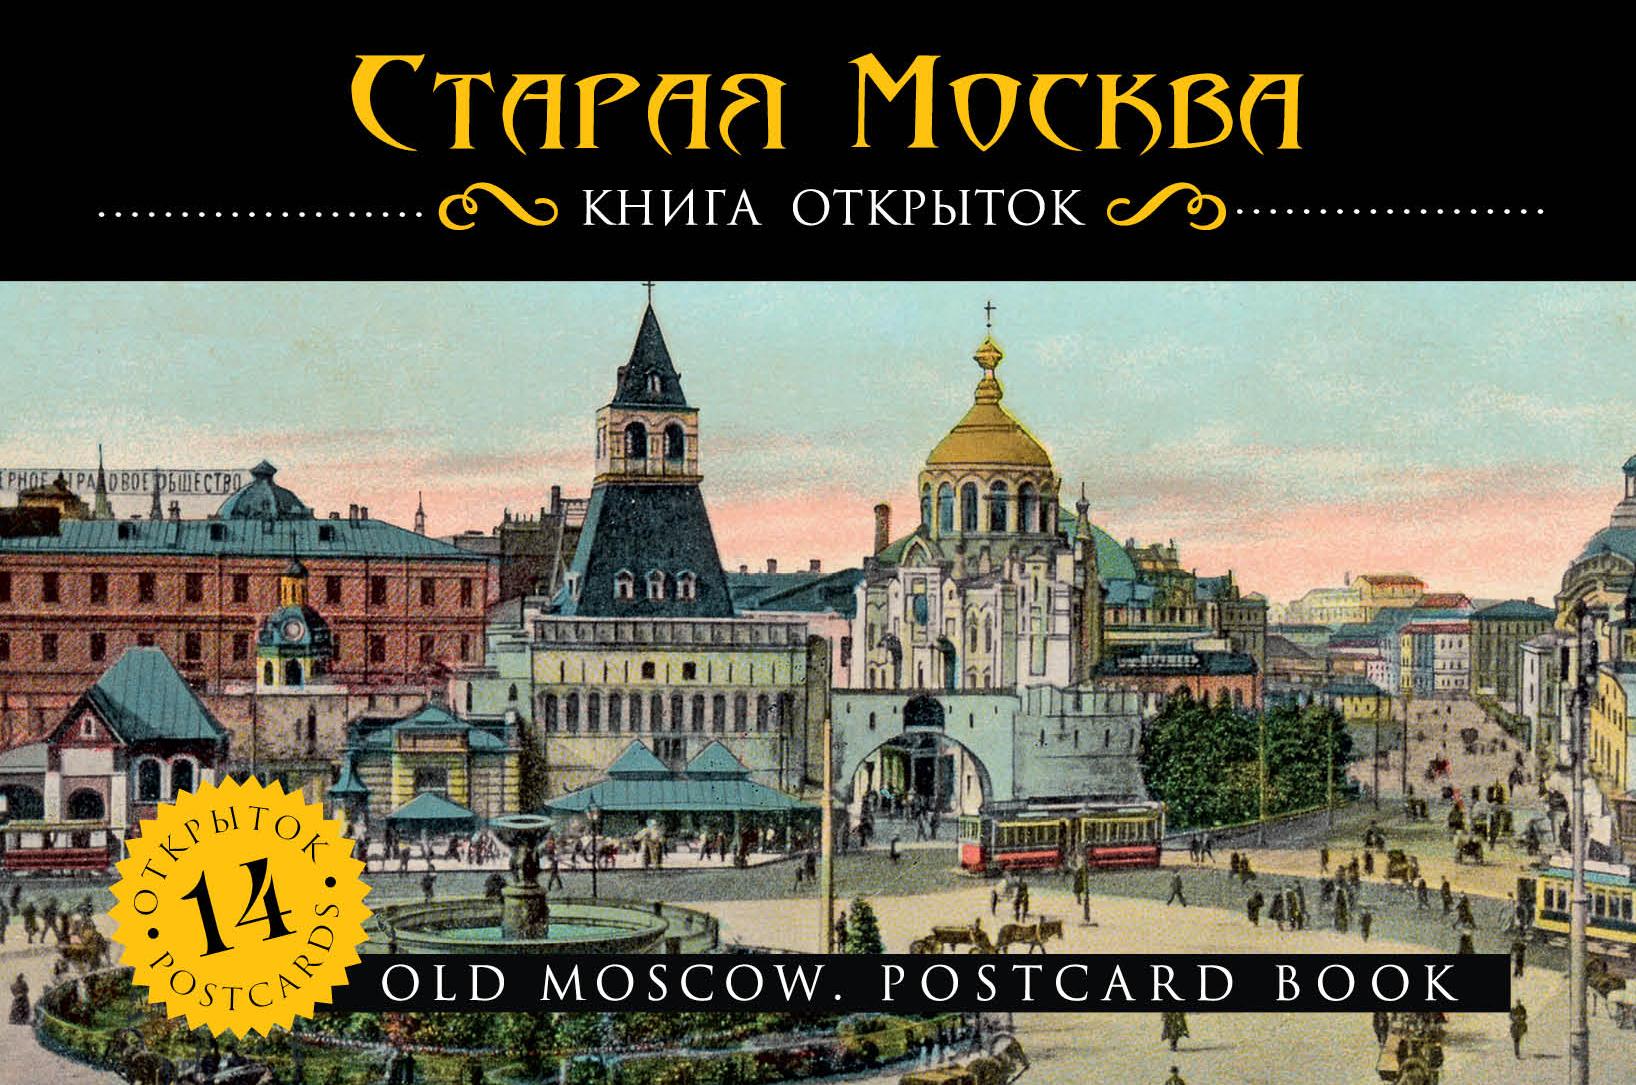 Старая Москва купить шурупов рт на все инструменты на ул складочная г москва